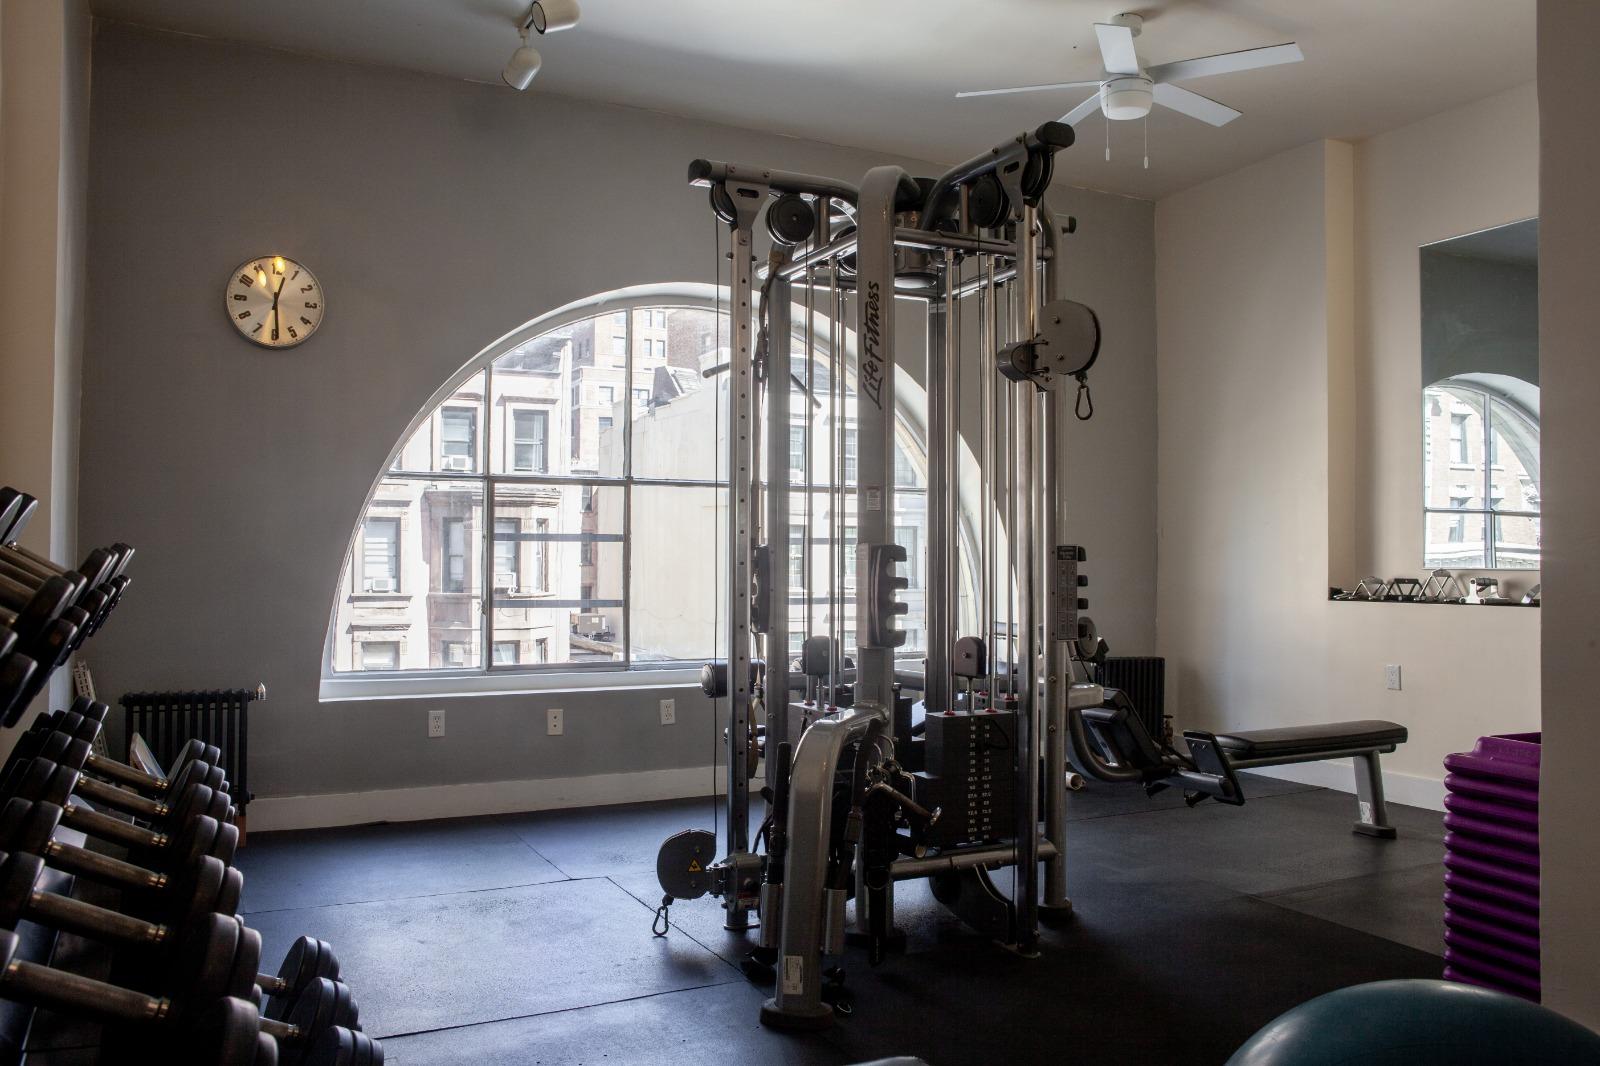 Best Equipment, Dakota Personal Training